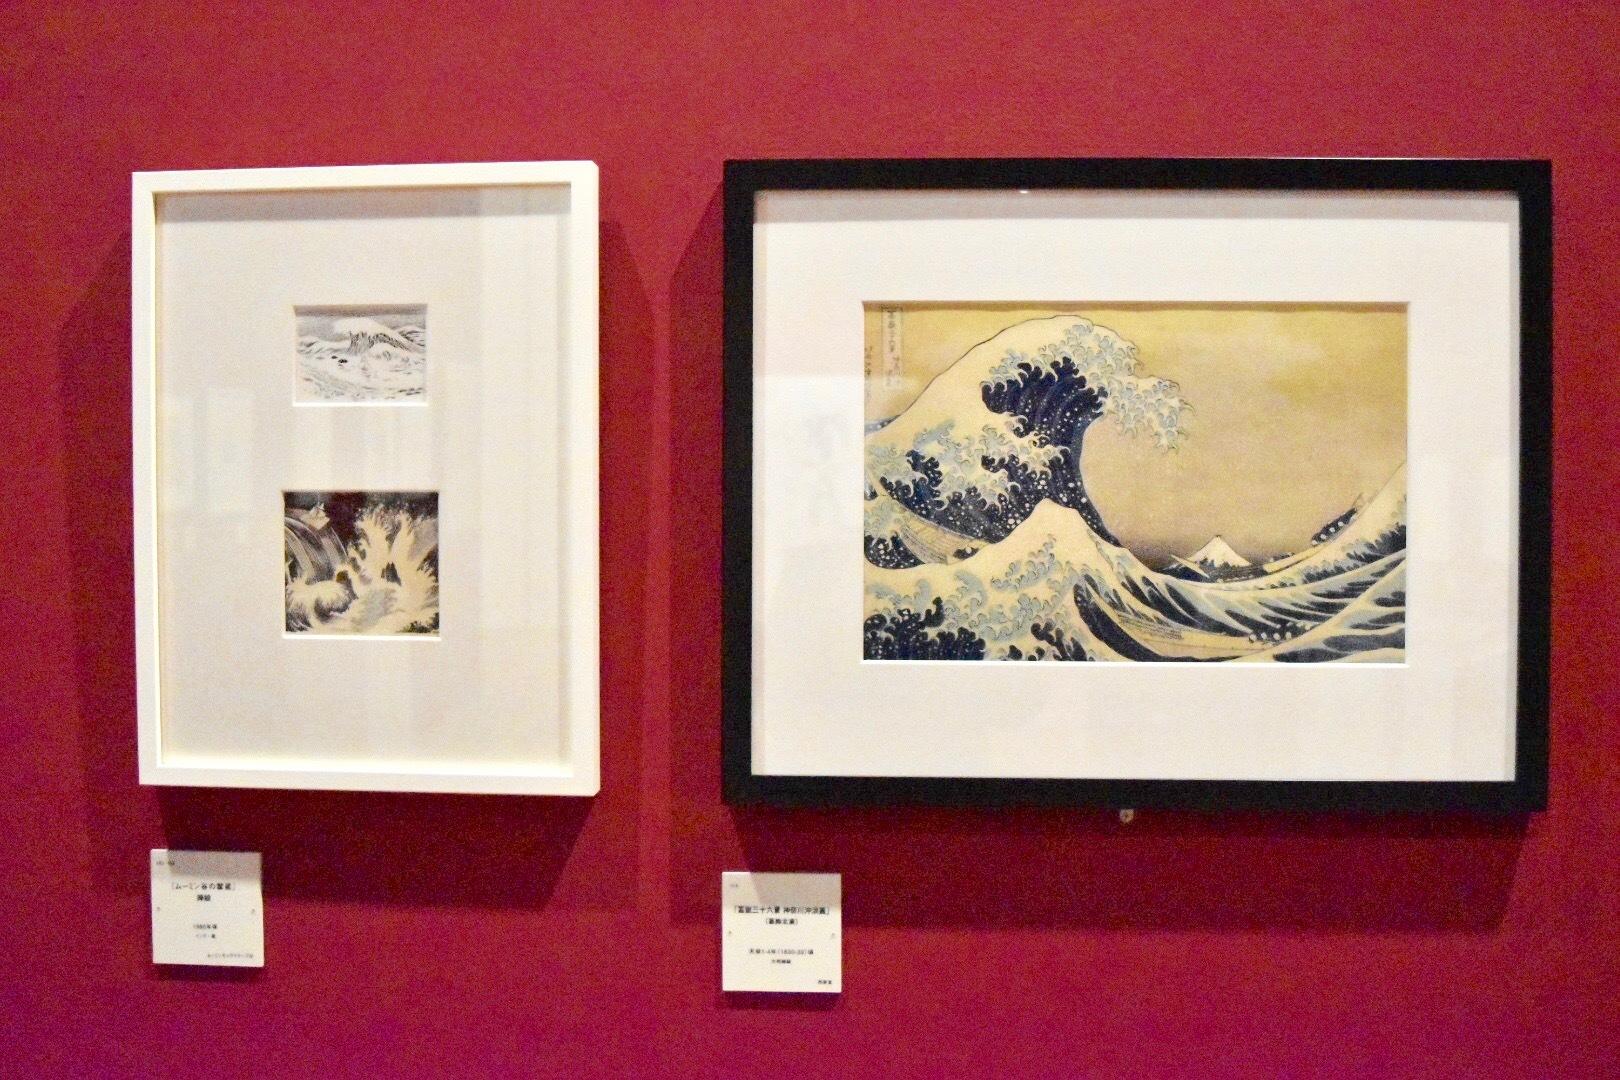 左:「ムーミン谷の彗星」挿絵 1968年頃 ムーミンキャラクターズ社 右:「冨嶽三十六系 神奈川沖浪裏」(葛飾北斎) 天保1~4年(1830-33)頃 西楽堂